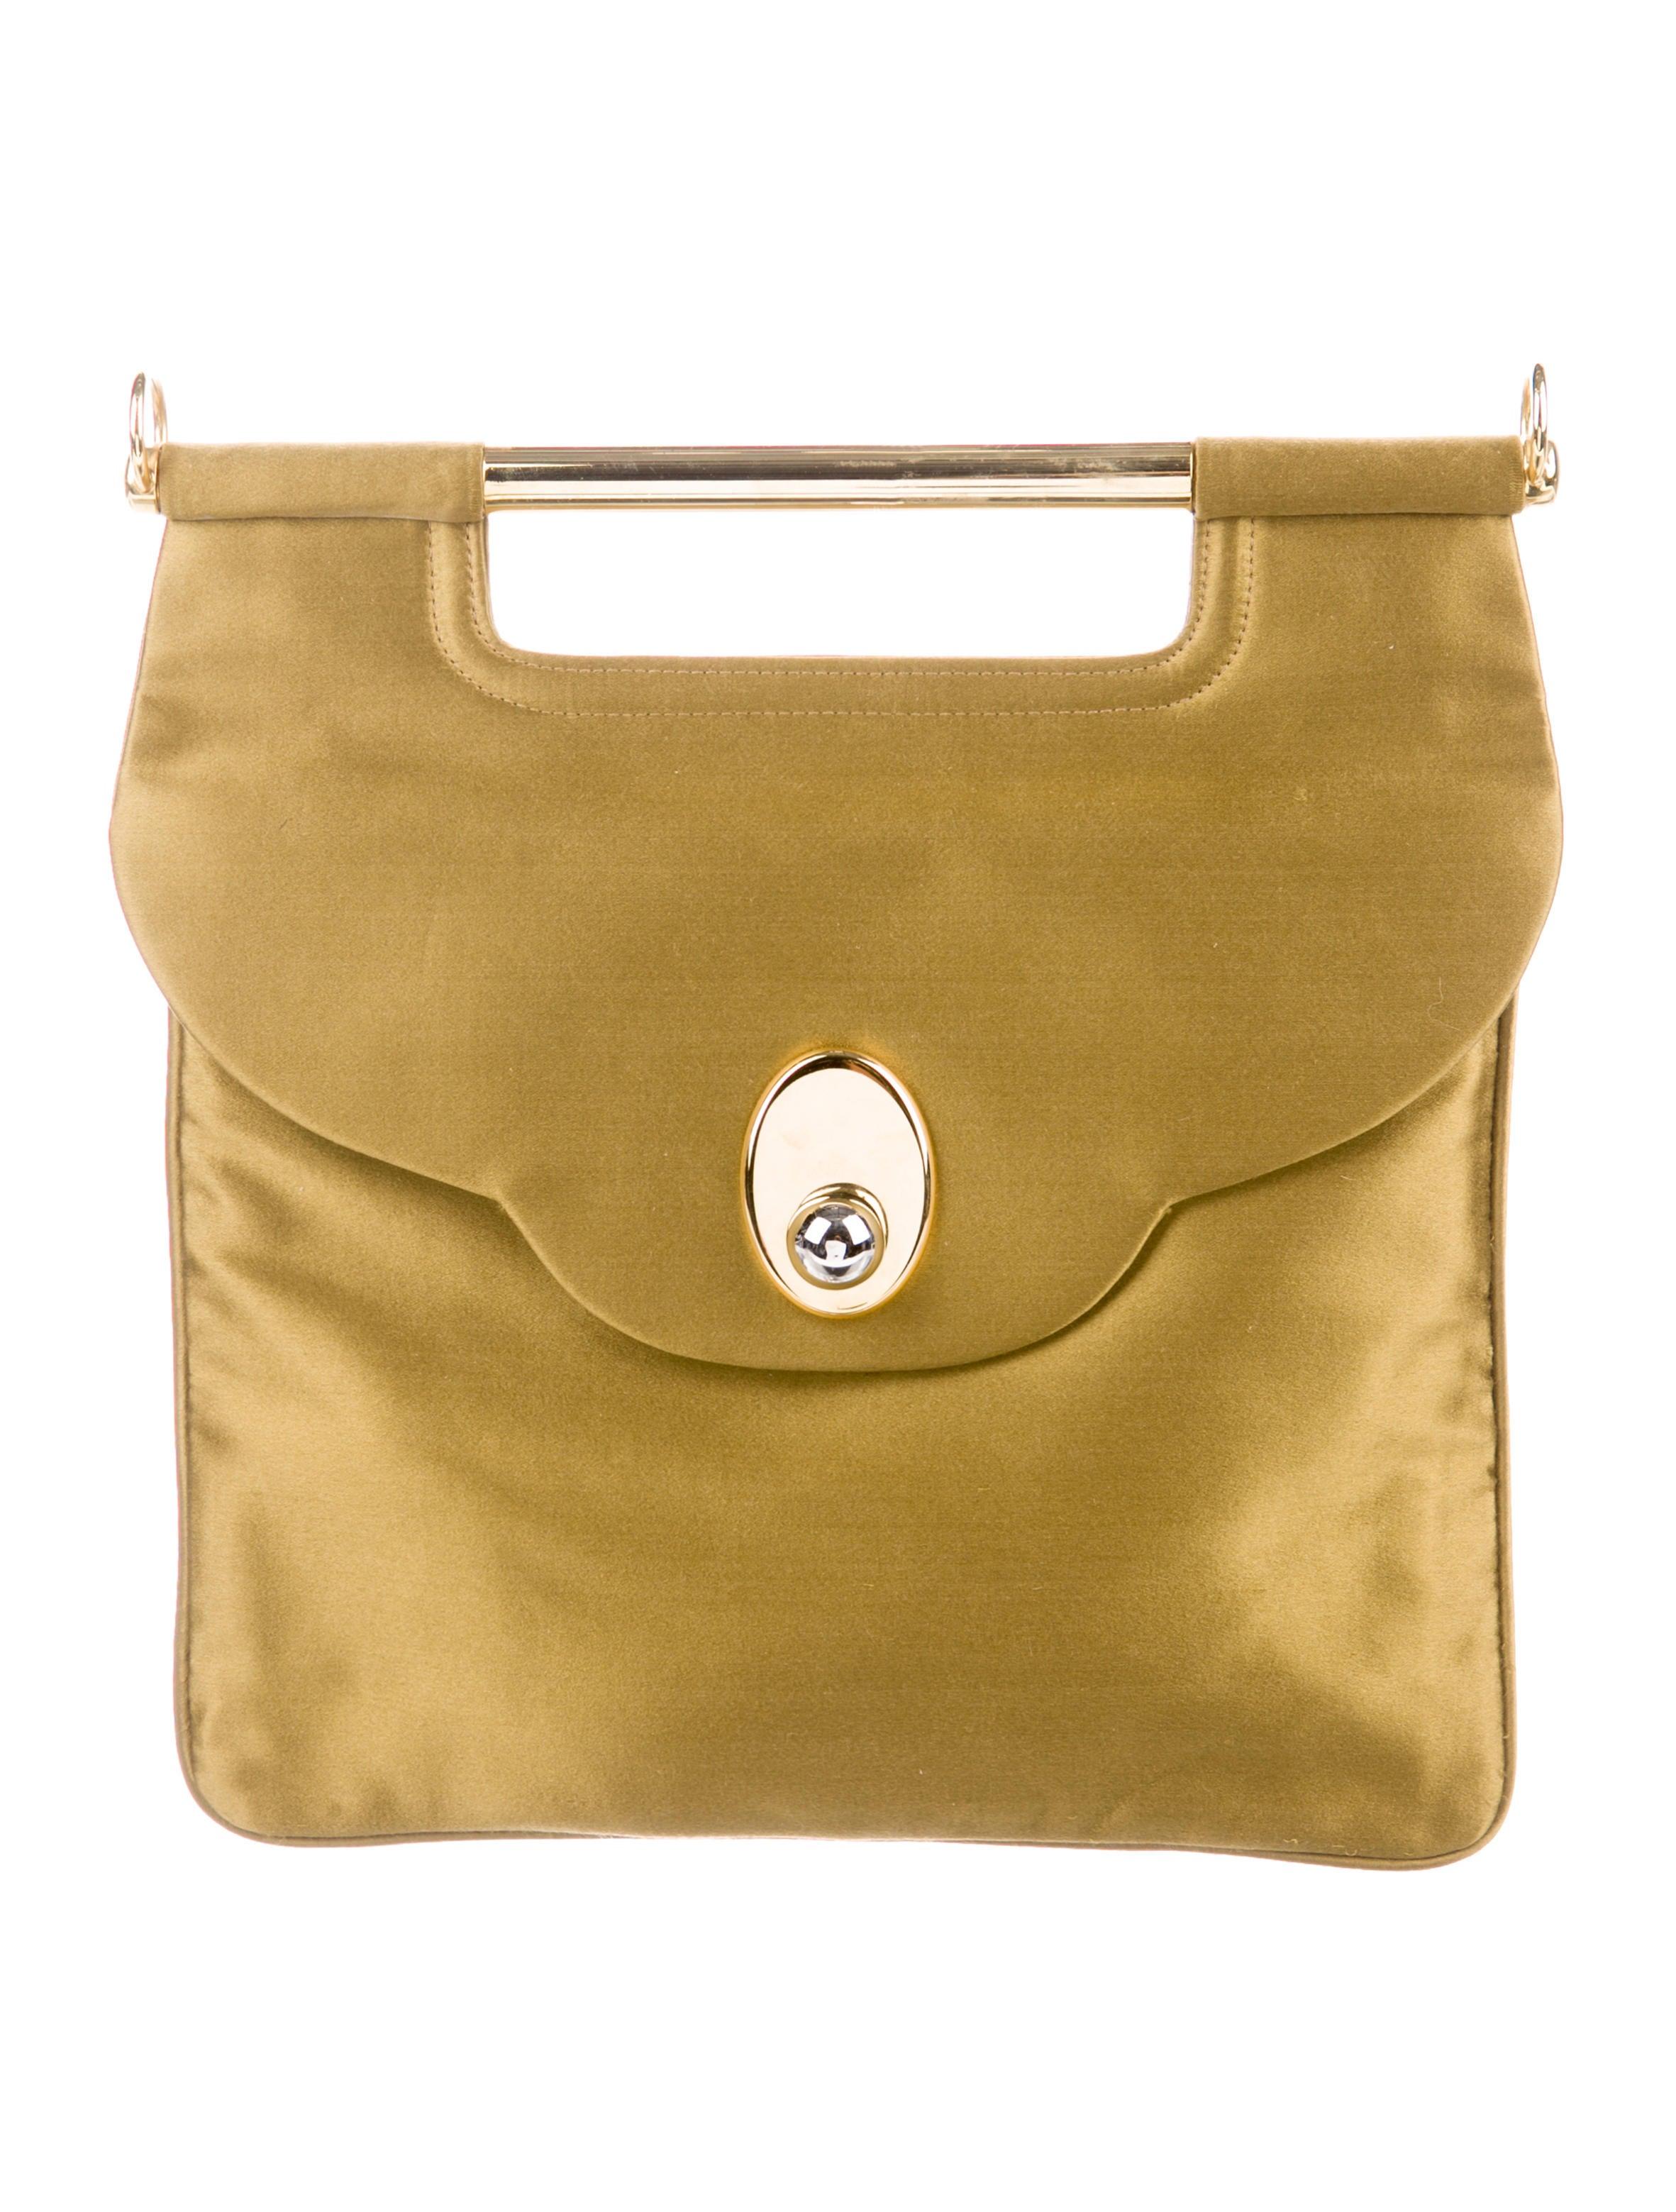 Satin Chain Link Shoulder Bag